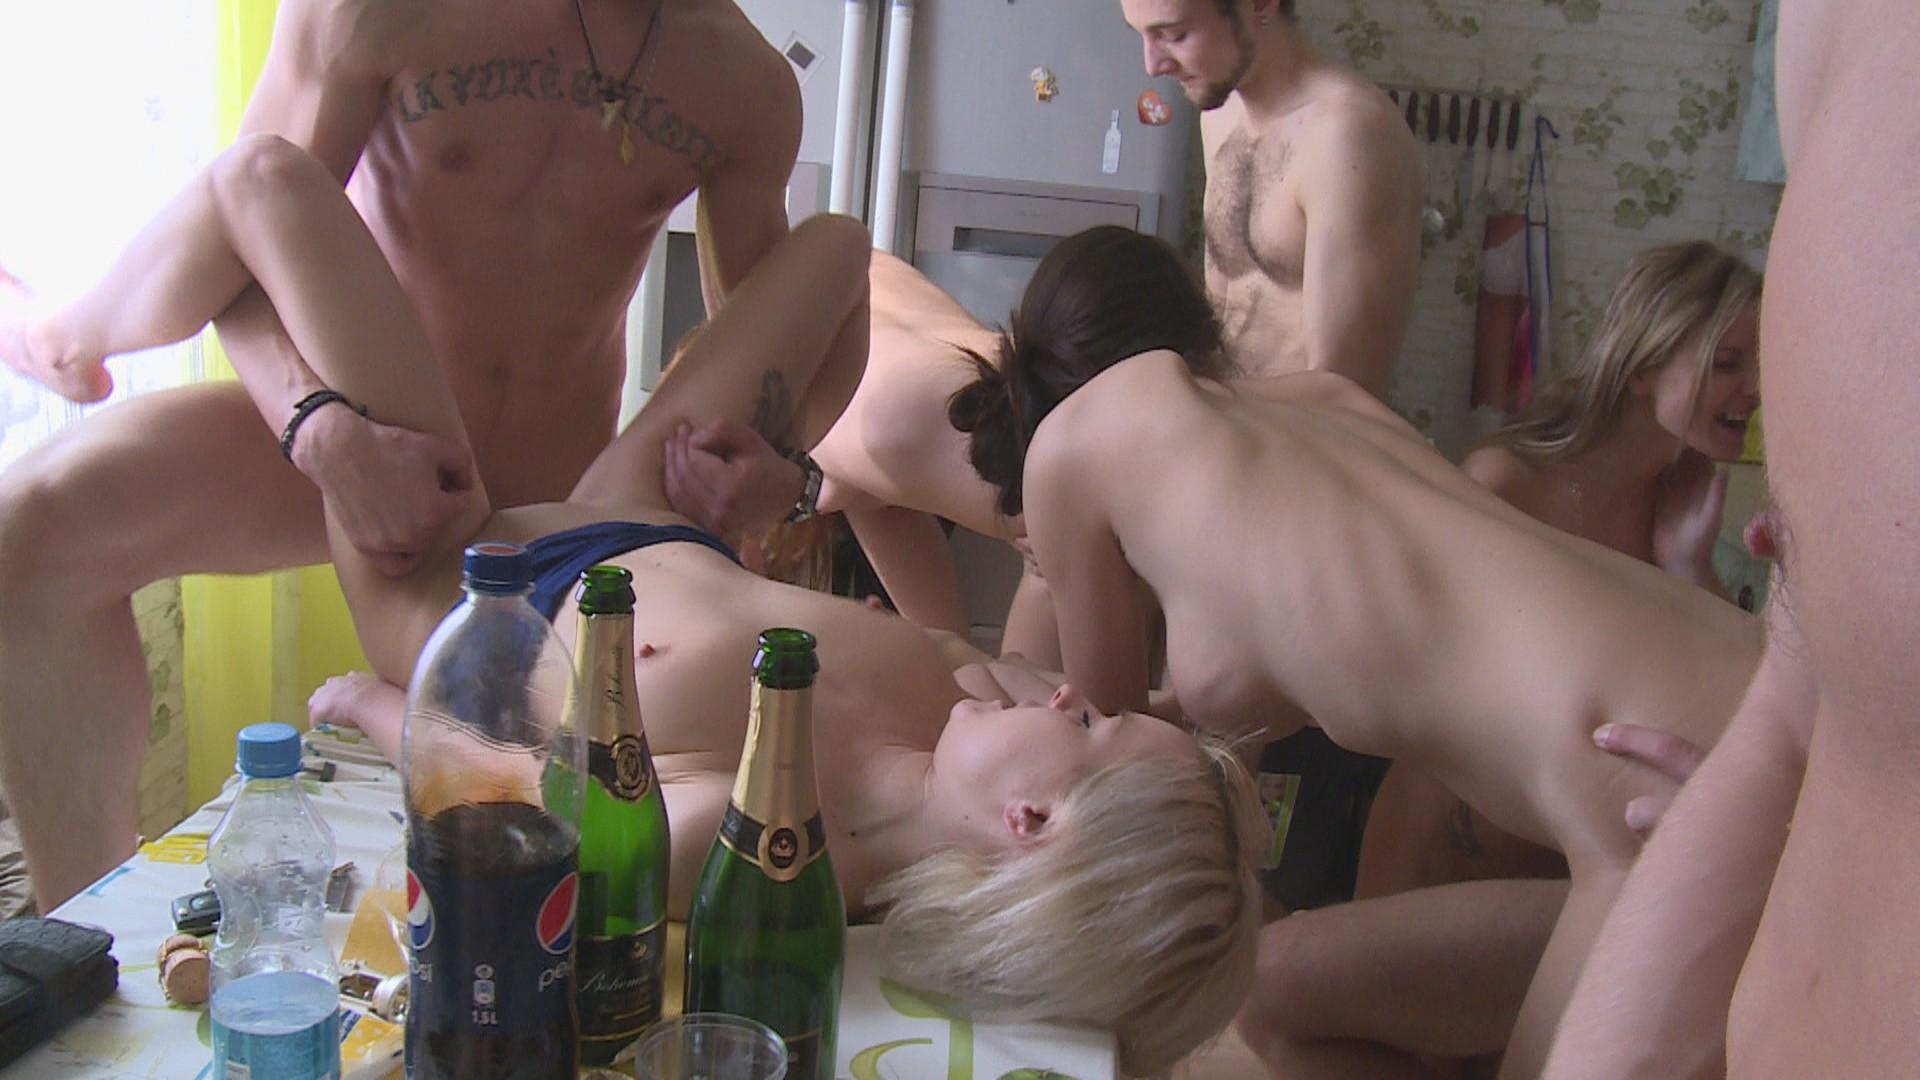 Порнуха пьяная русская, Пьяные: русское порно видео с пьяными женщинами 5 фотография